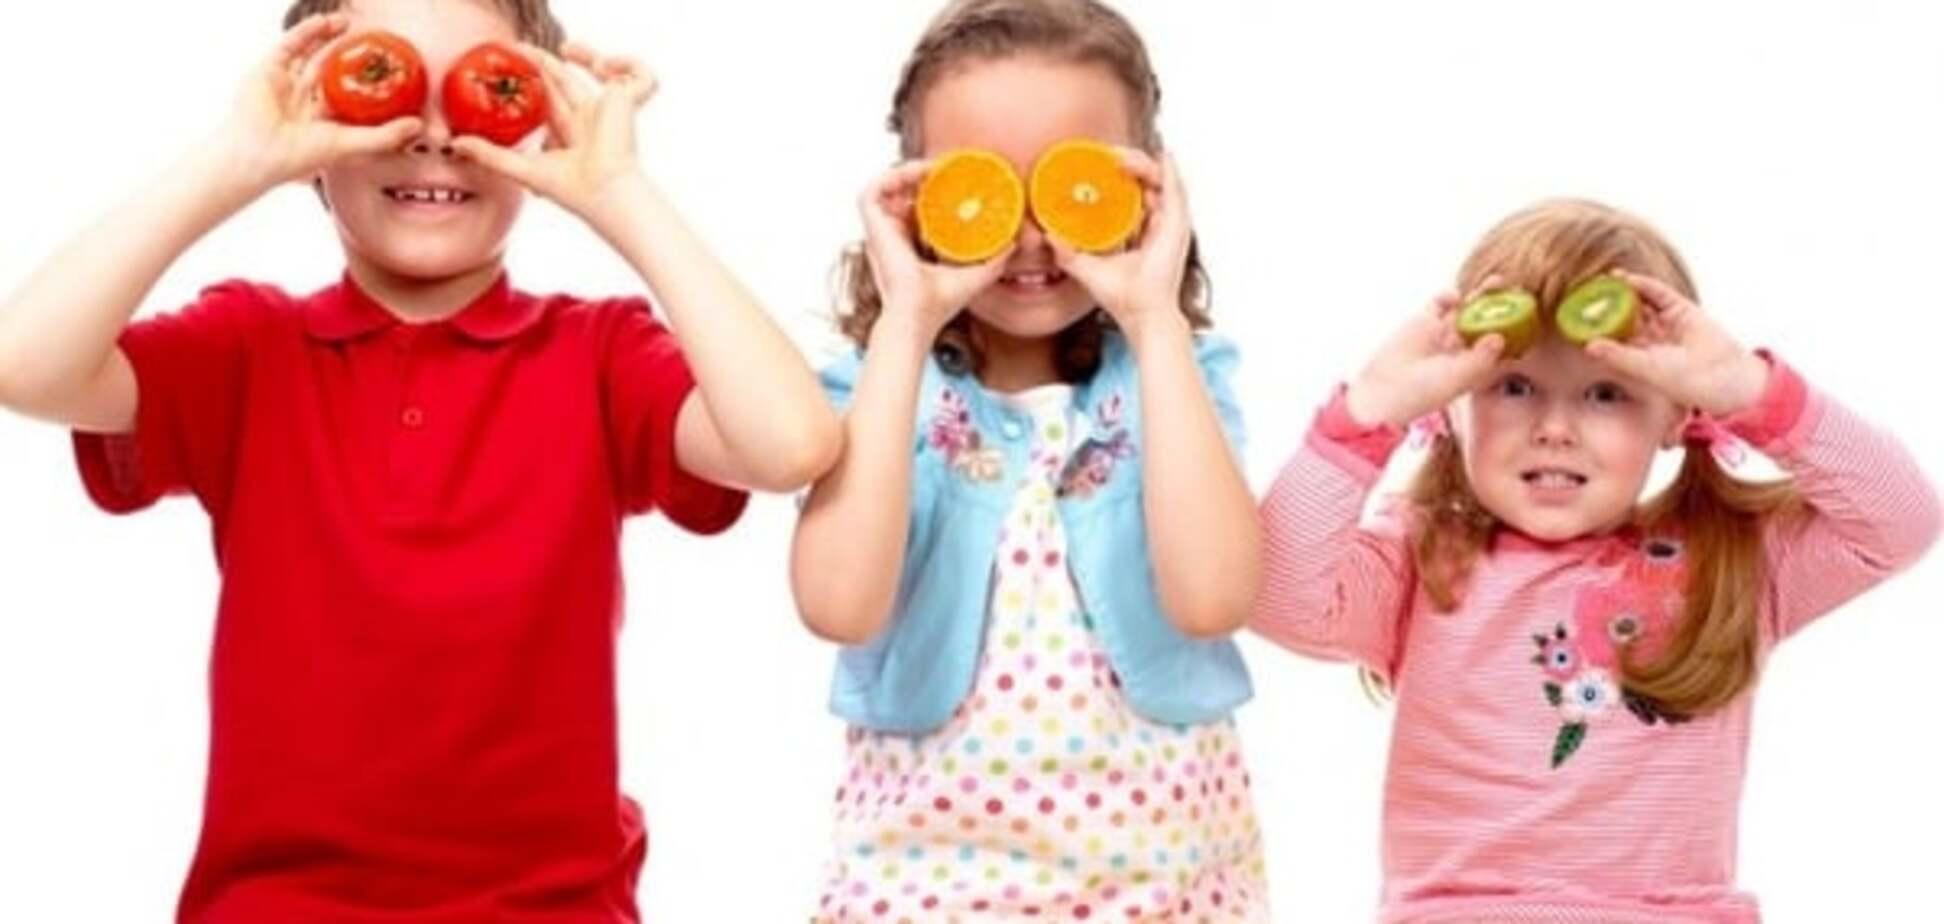 Офтальмолог назвала суперполезный продукт для здоровья детских глаз